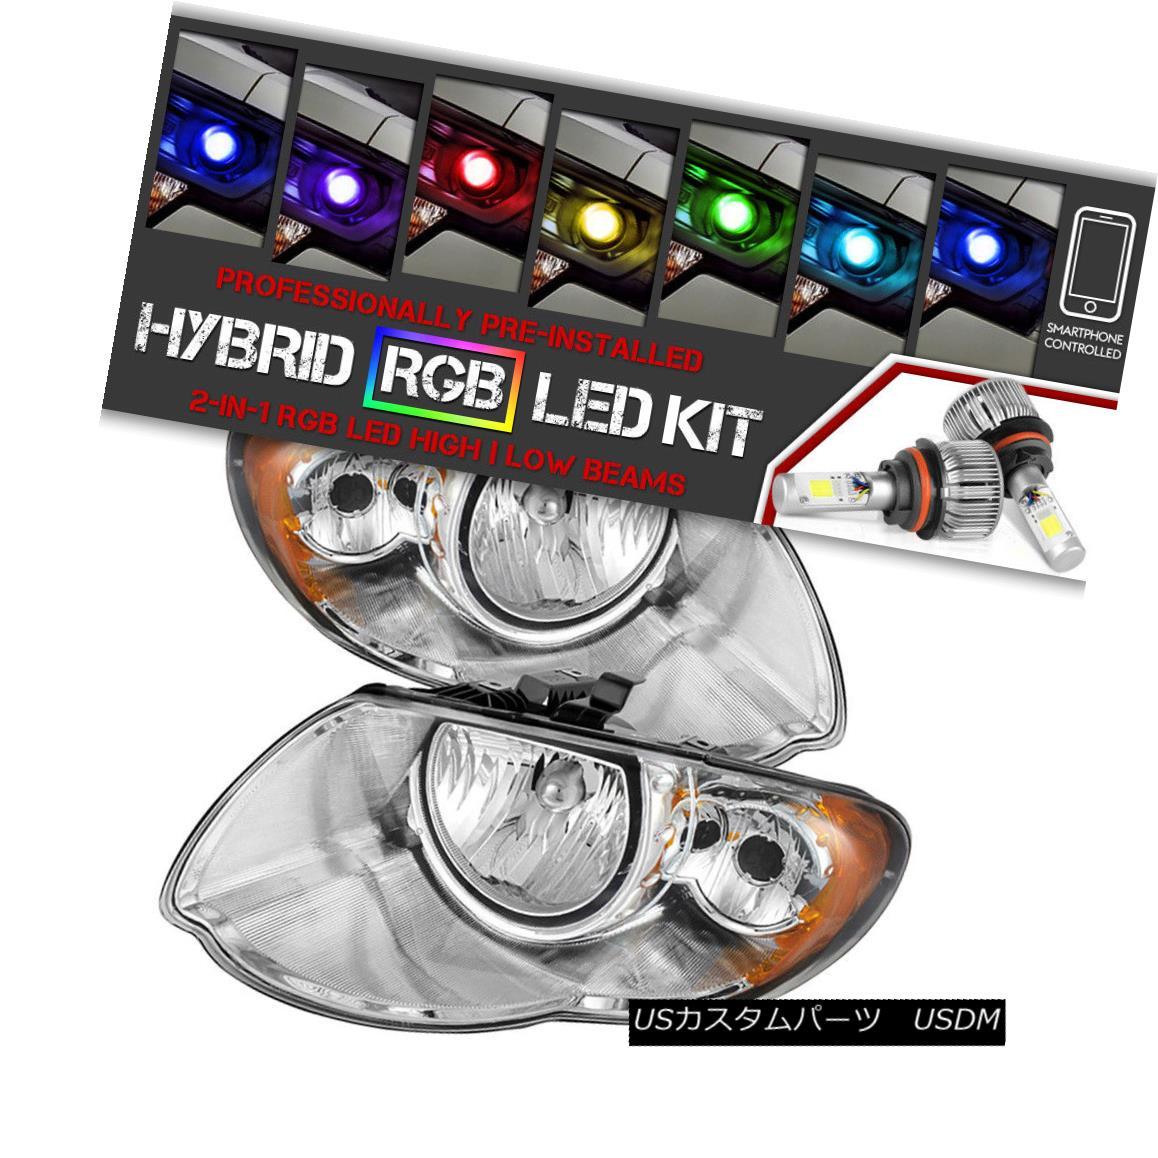 ヘッドライト [CREE LED Bulb]05-07 Chrysler Town&Country Chrome Replacement Headlight Assembly [CREE LED電球] 05-07クライスラータウン&カントリークローム交換ヘッドライトアセンブリ